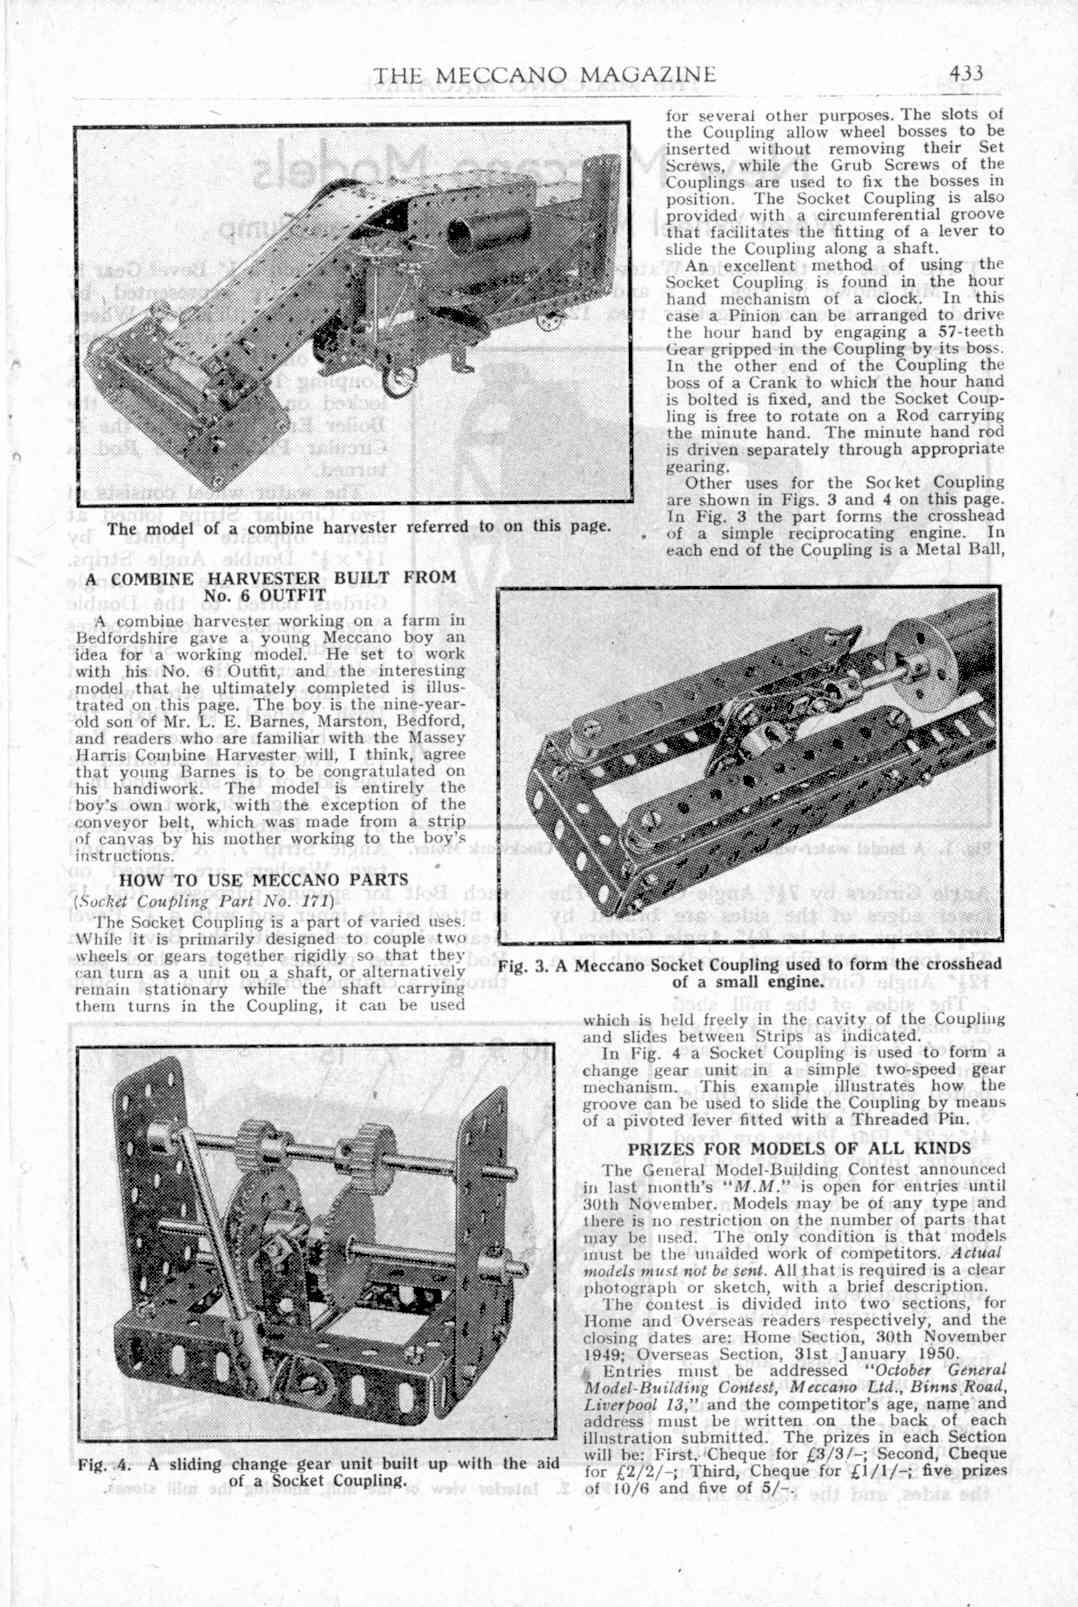 UK Meccano Magazine November 1949 Page 433